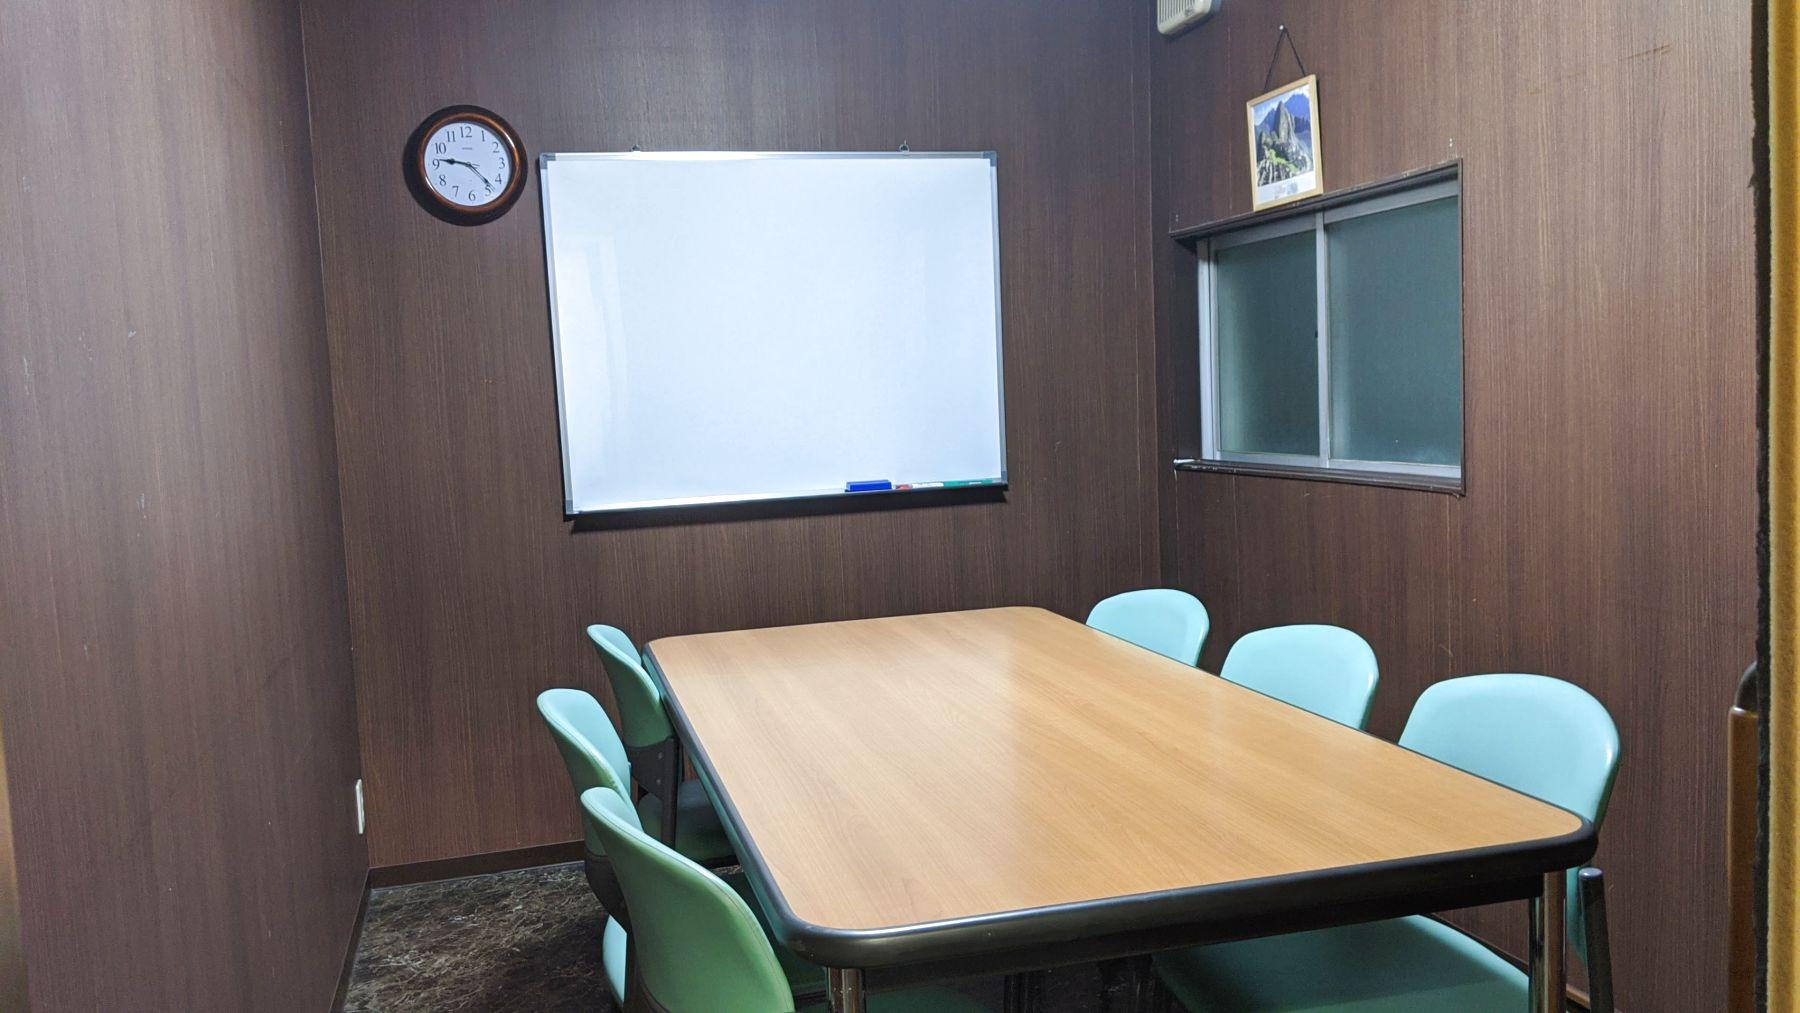 最大6人まで収容可能です。 - 勉強カフェ博多プレース 会議室 ミーティングルームの室内の写真